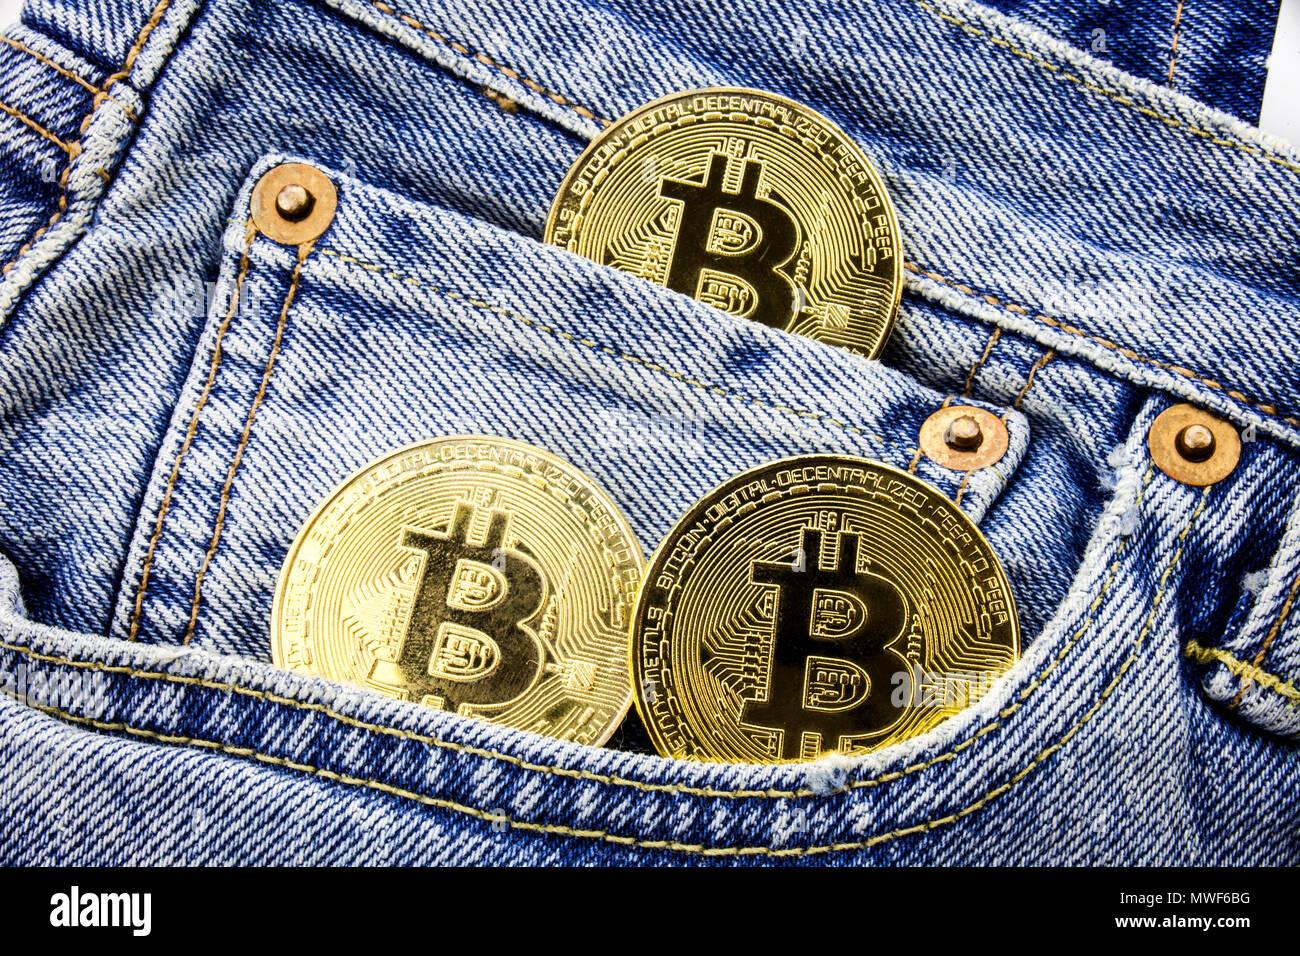 Drei Goldene Bitcoin Münzen Auf Die Taschen Der Jeans Konzept Der